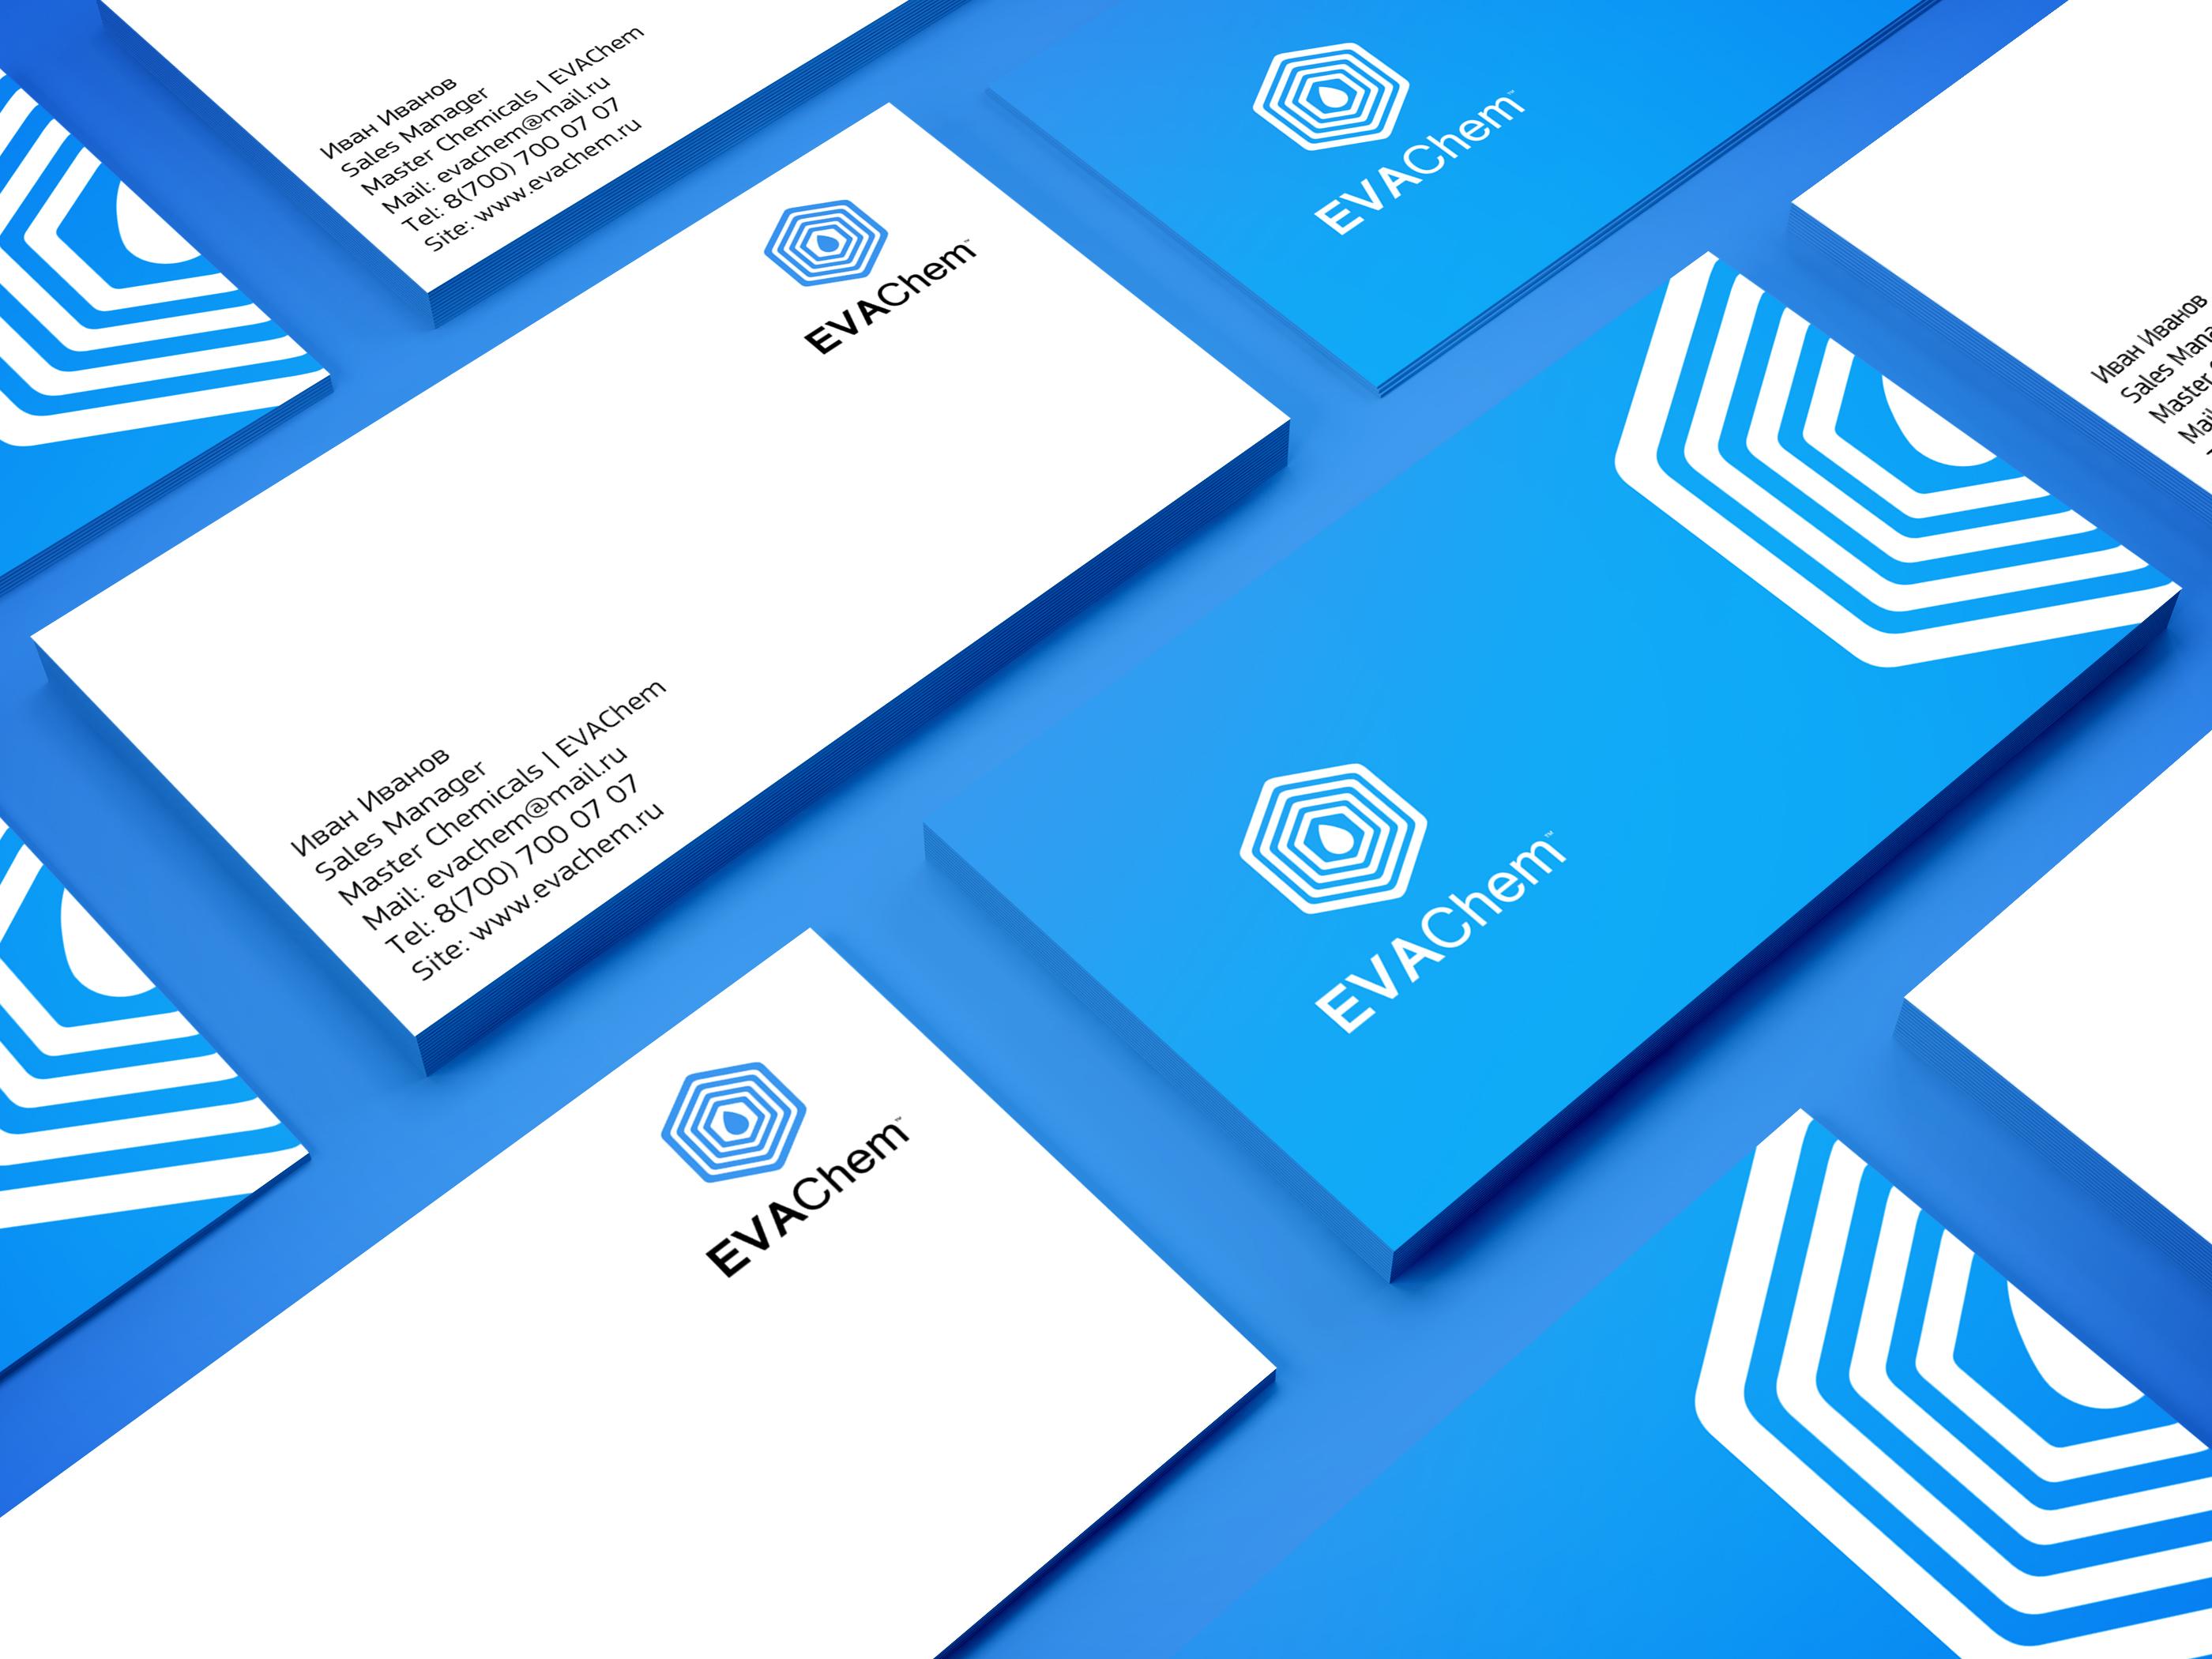 Разработка логотипа и фирменного стиля компании фото f_43457238c9b49e39.jpg